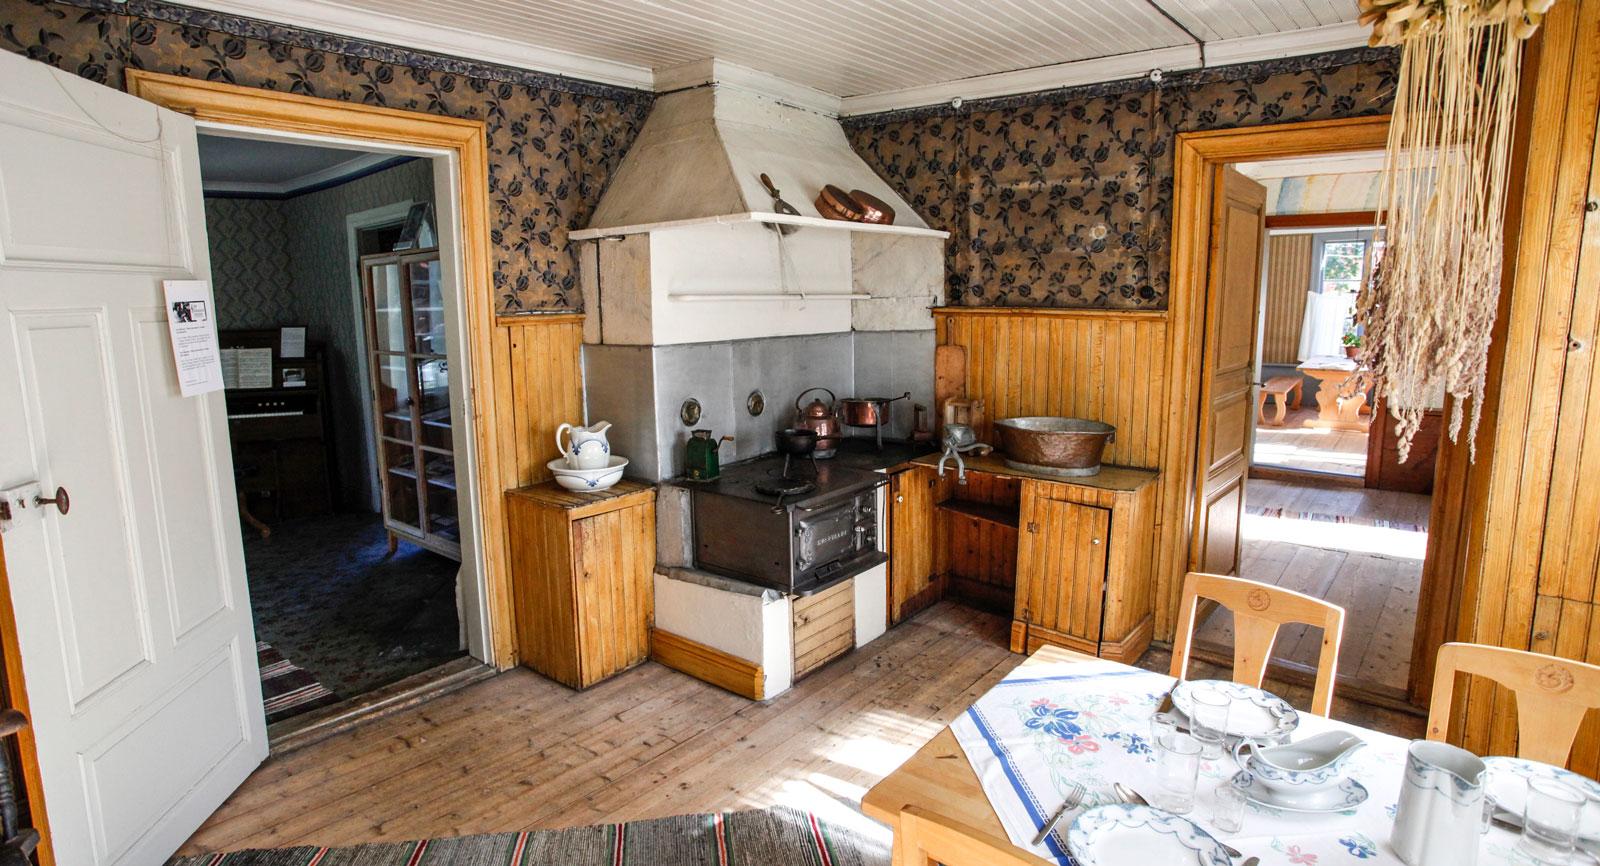 Köket på nedre botten i mangårdsbyggnaden.